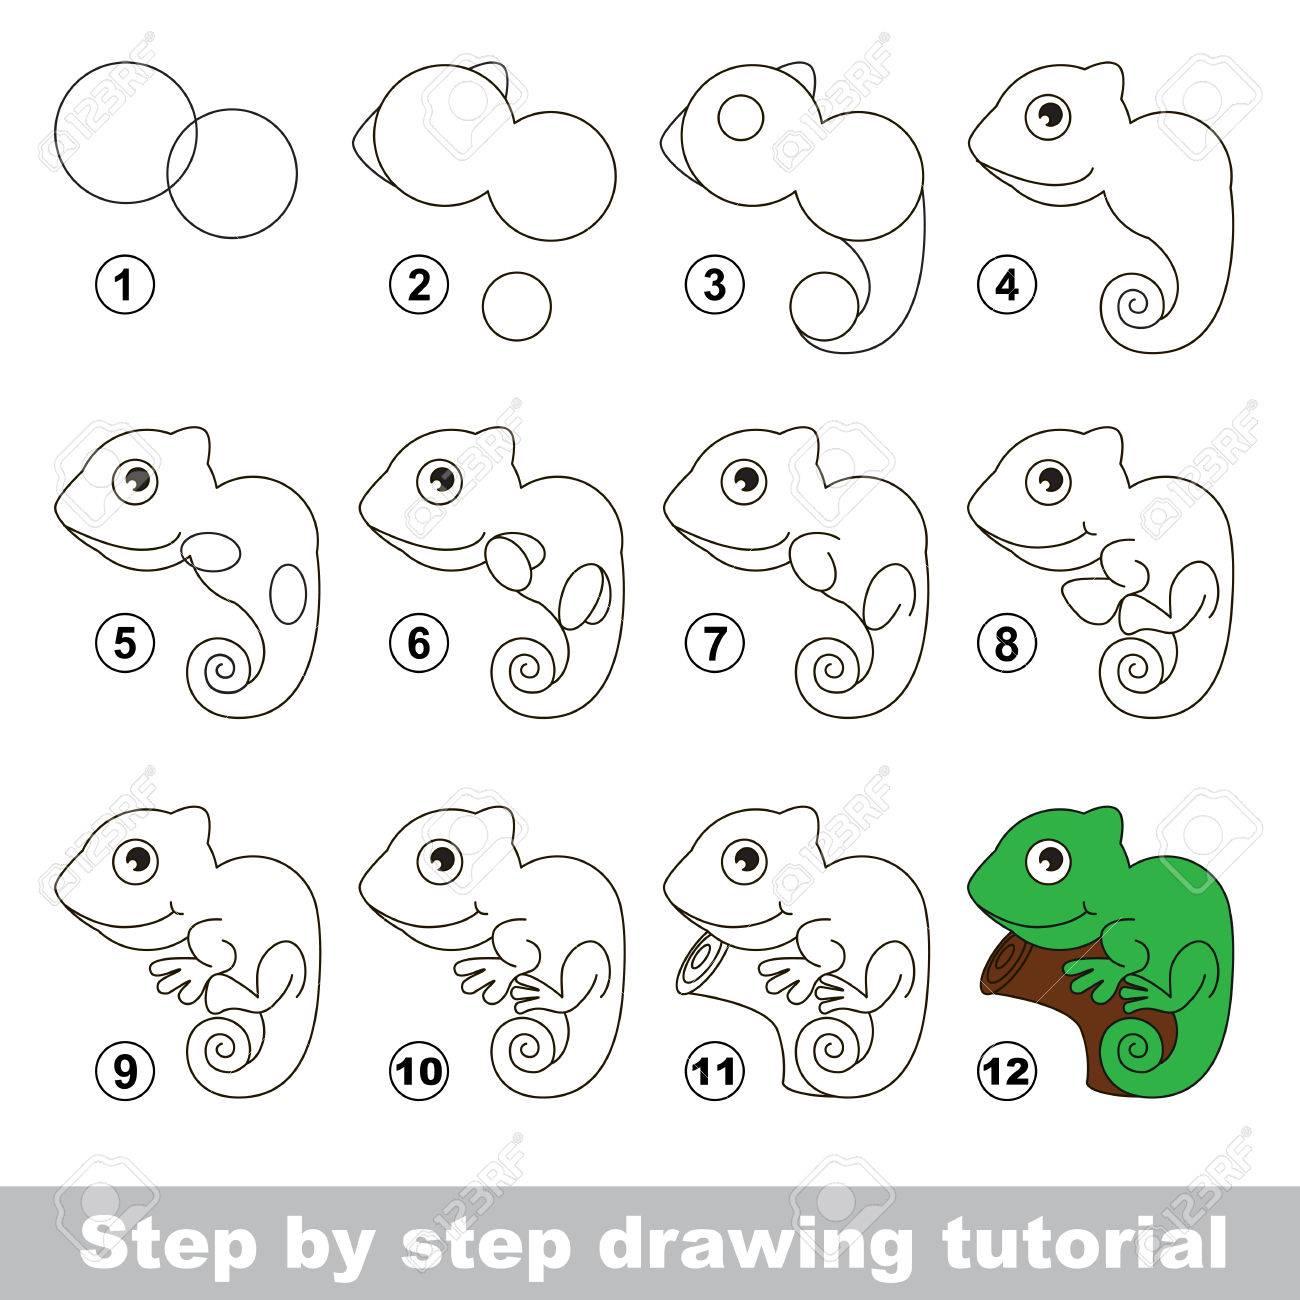 Tutorial De Dibujo Para Los Niños Cómo Dibujar La Iguana Divertida